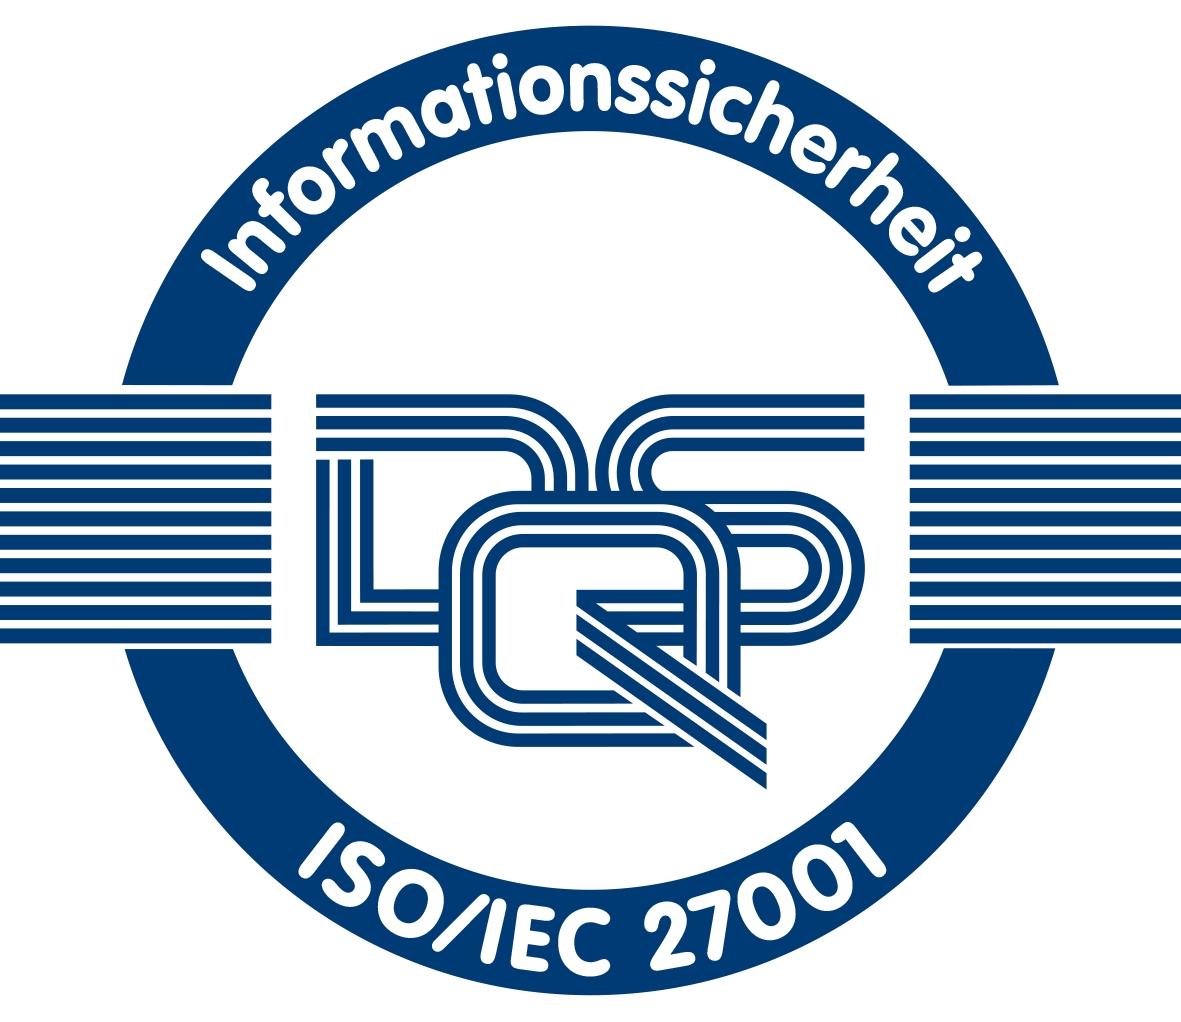 SHS VIVEON erhält ISO/IEC 27001 Zertifizierung für höchste Sicherheitsstandards